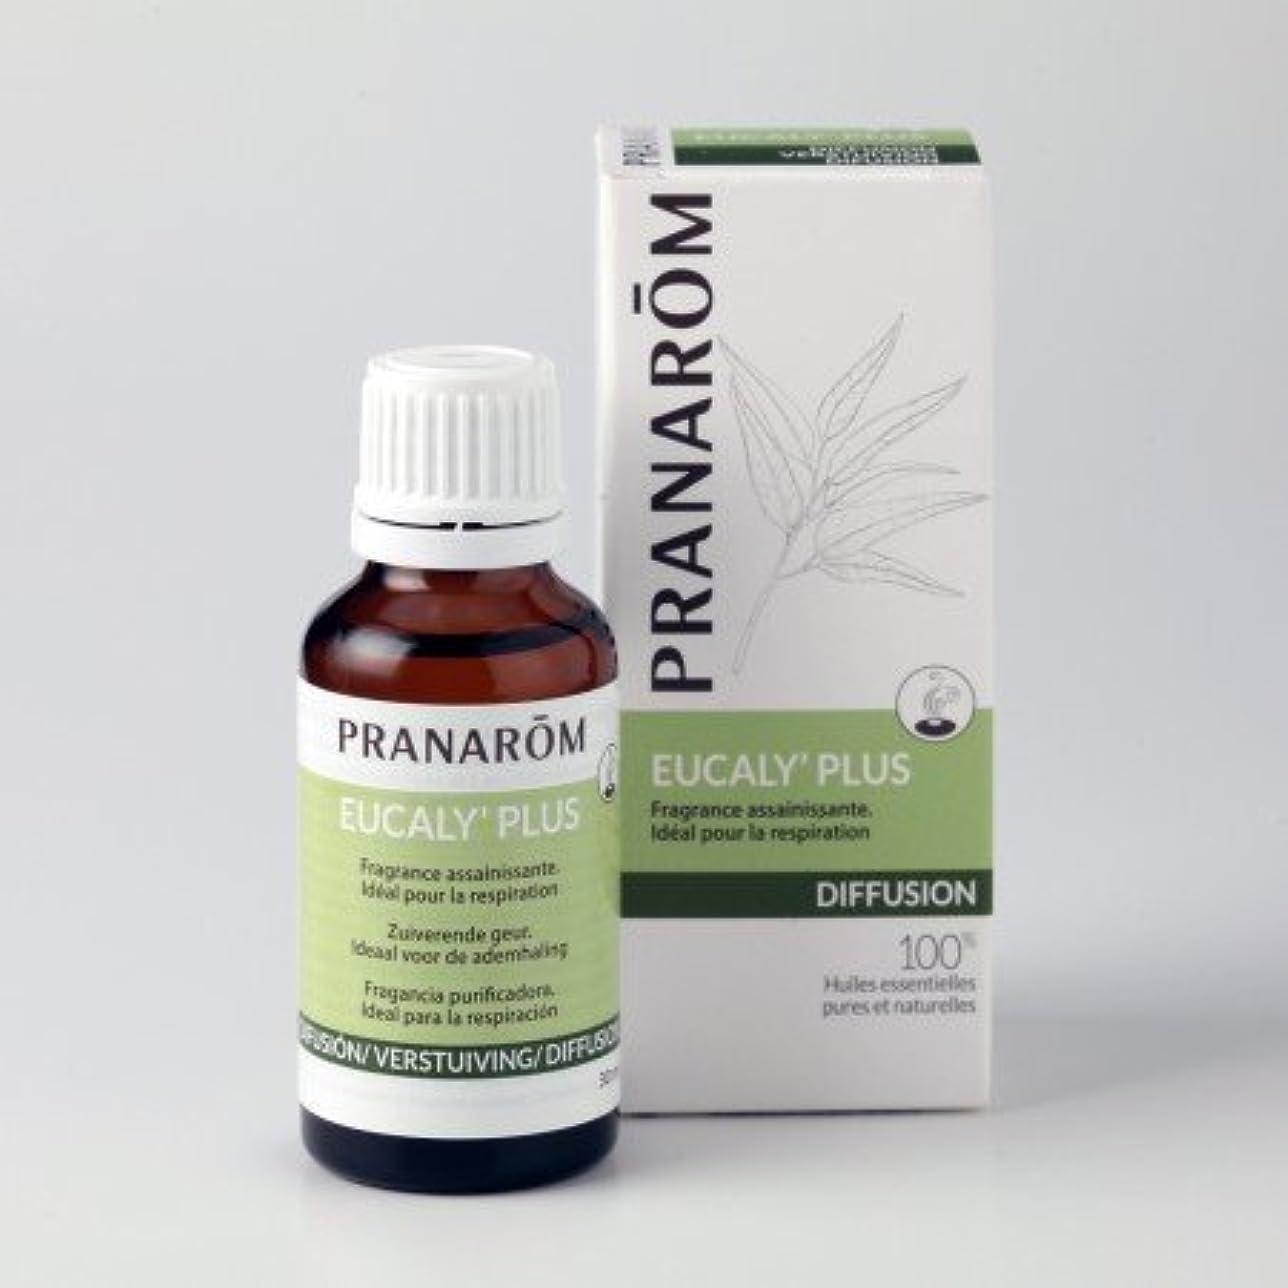 ご飯ブラインドプランタープラナロム ( PRANAROM ) ルームコロン 胸一杯のフレッシュエア ユーカリプラス 30ml 02590 エアフレッシュナー ( 芳香剤 )